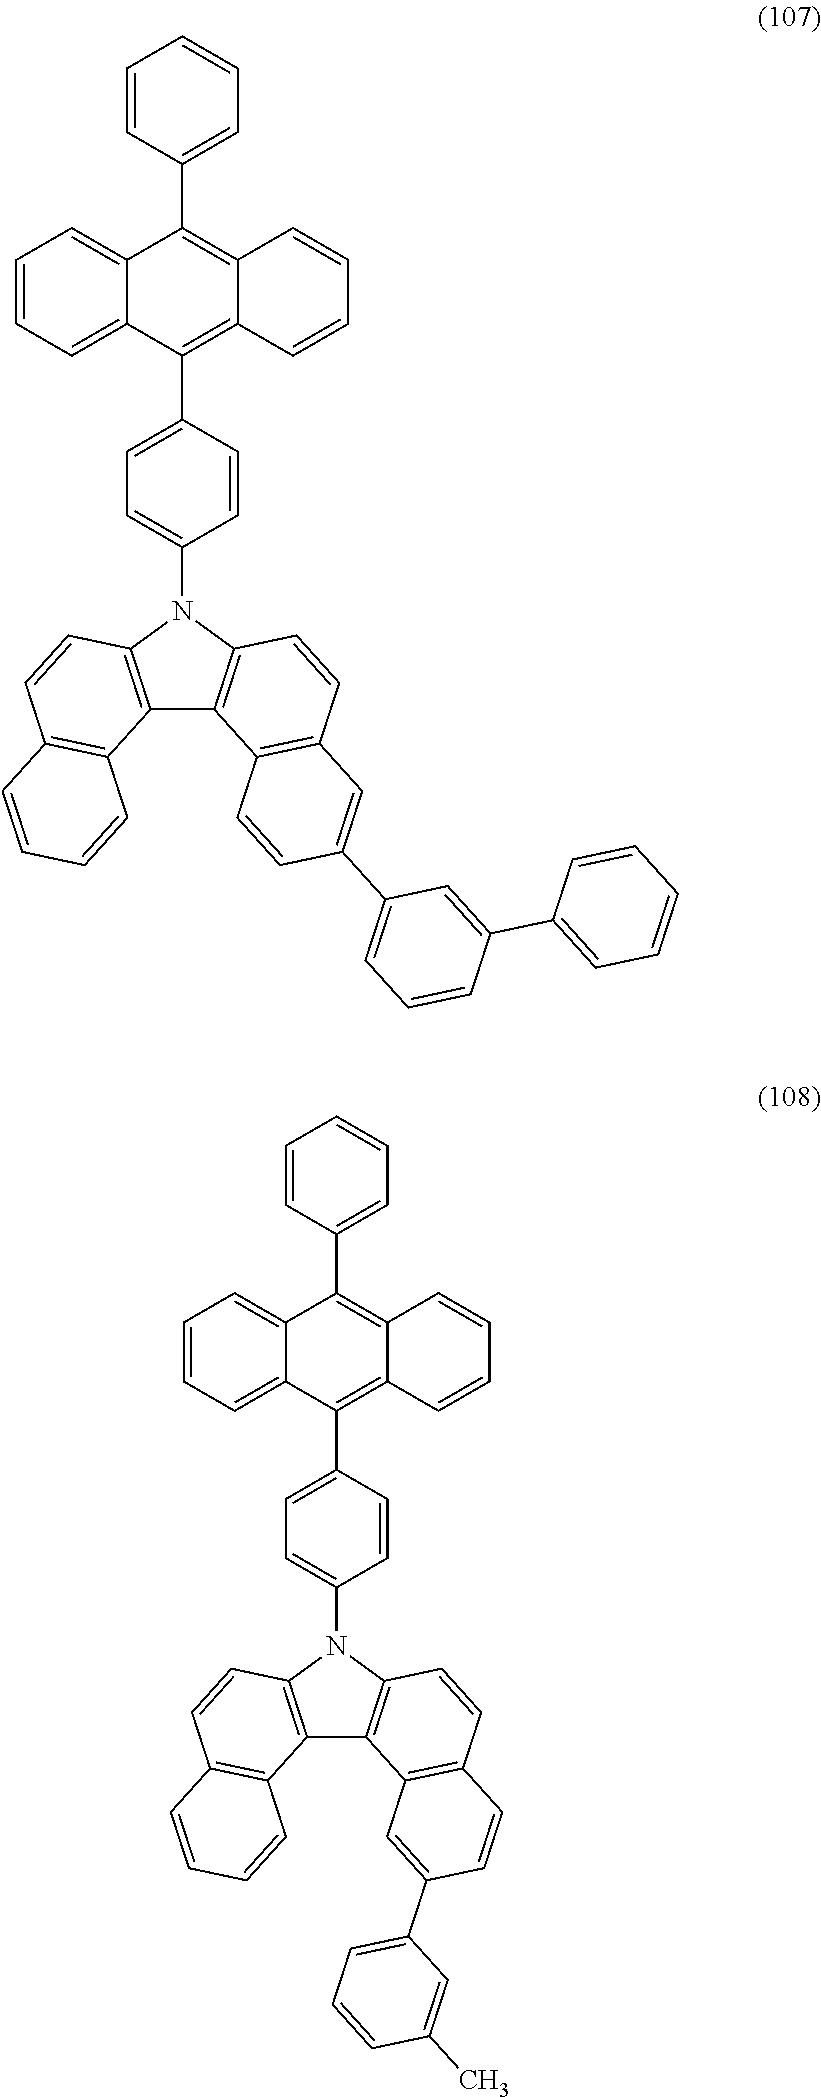 Figure US09240558-20160119-C00046